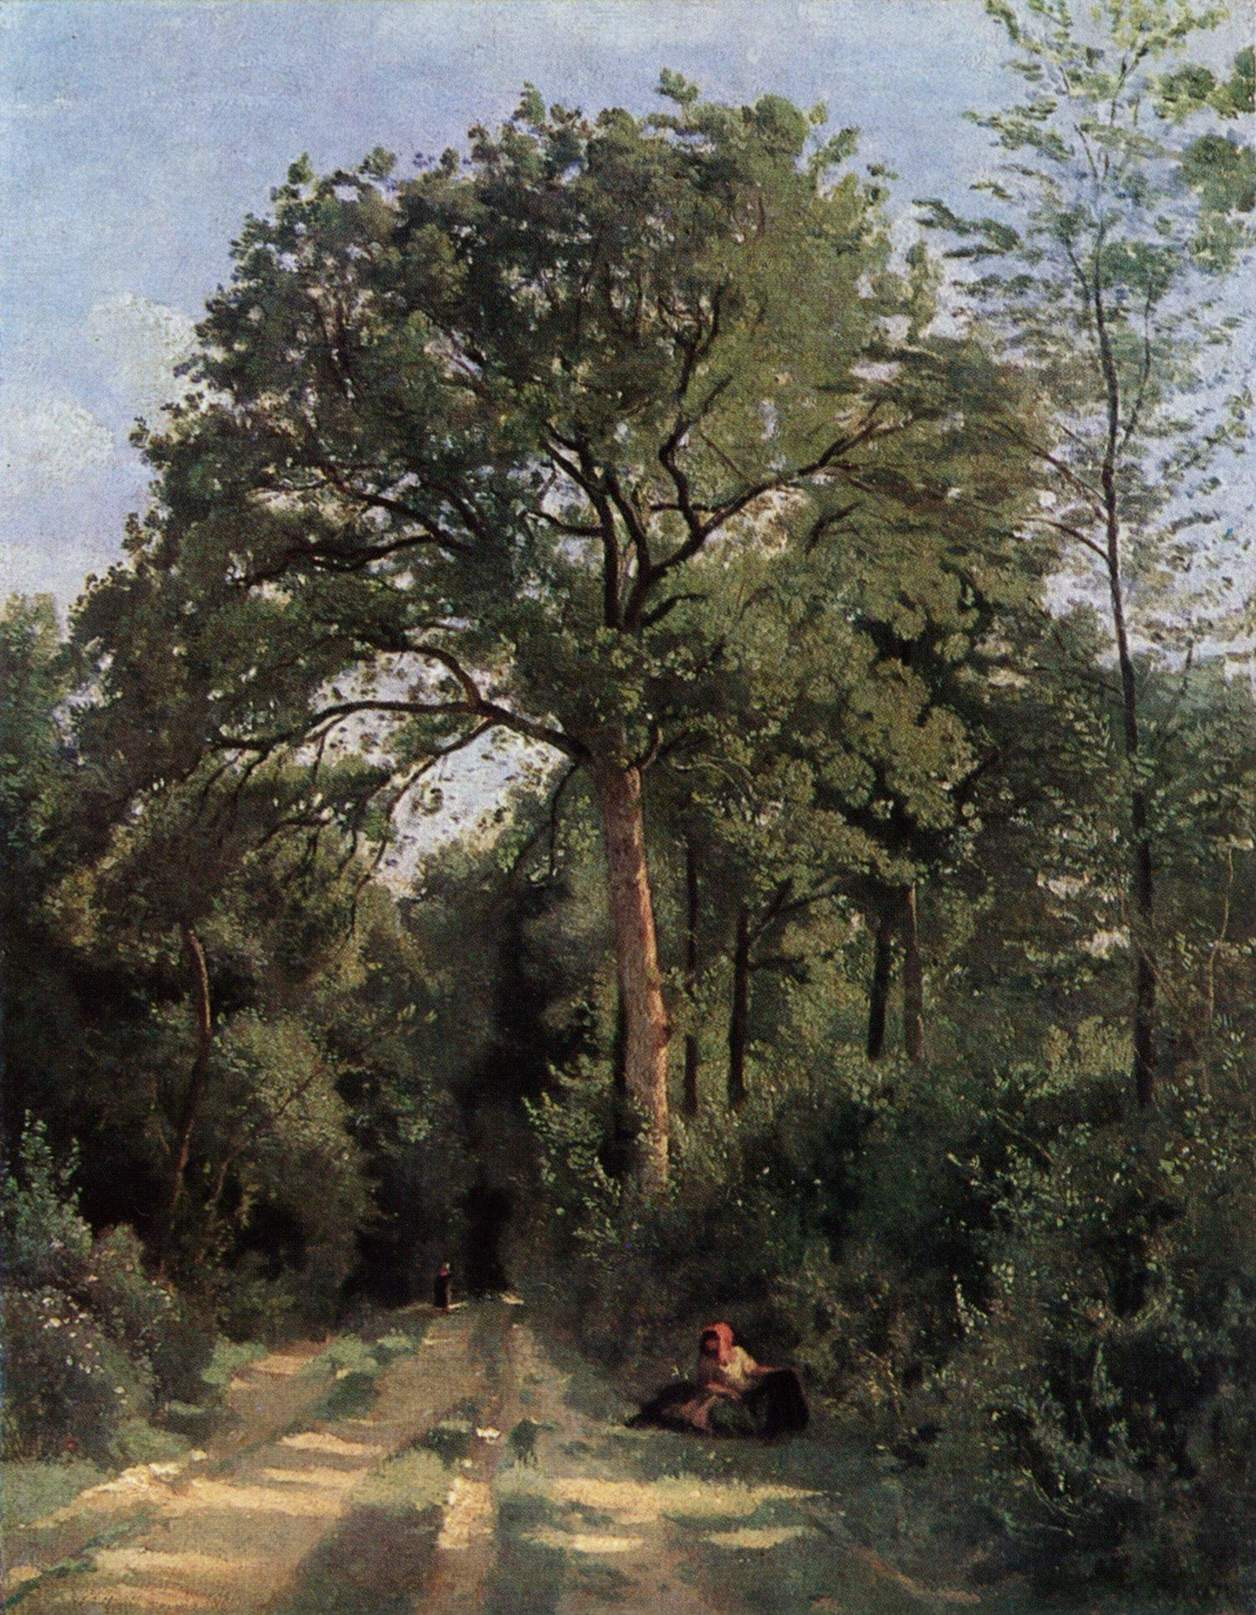 Ville d'Avray, Entrée du bois avec une vachère (1823-1825)